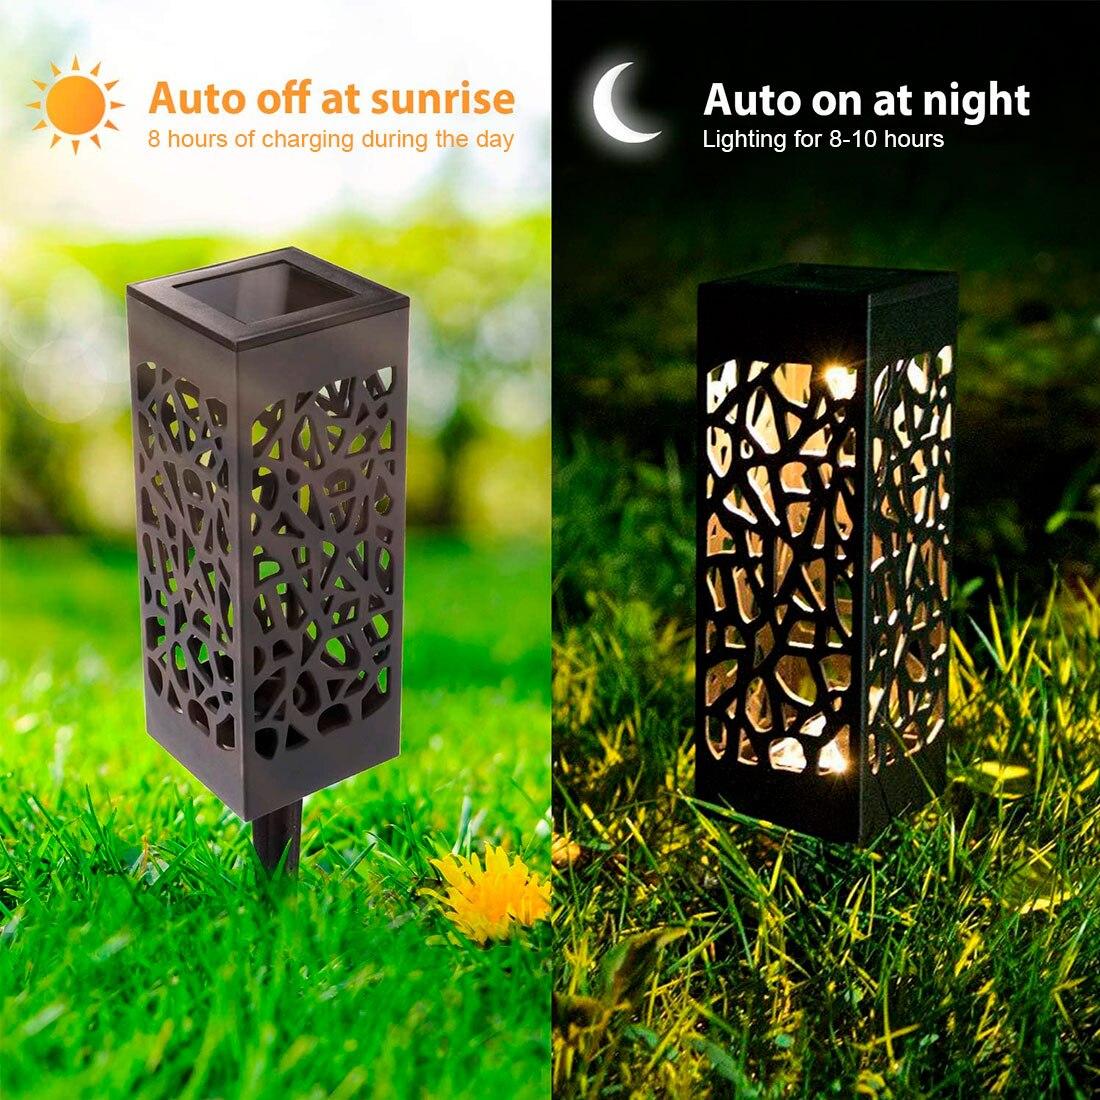 Декоративный садовый светильник на солнечной батарее, полый садовый фонарь для газона, уличное освещение, водонепроницаемый садовый свето...